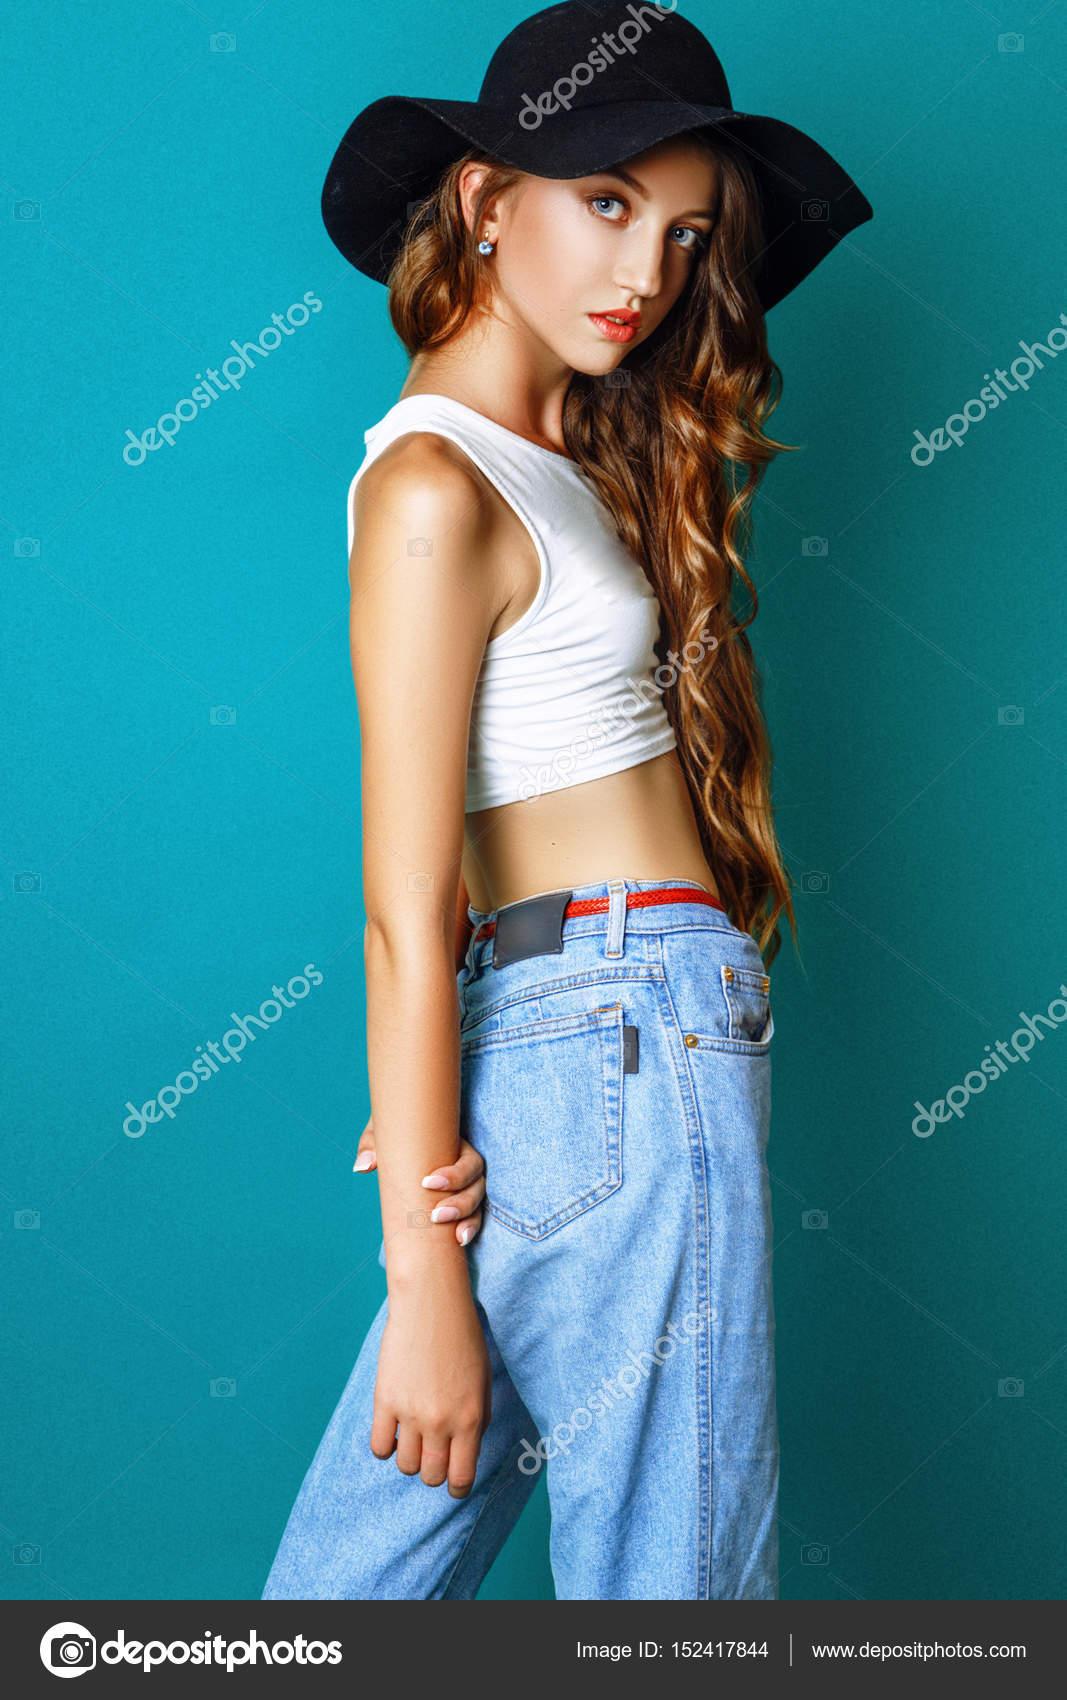 Modefoto jungen Frau auf grünem Hintergrund. Gekleidet in schwarzen Hut,  weißes Top und Jeans. Mädchen posiert. Studio Foto — Foto von YuliiaChupina bc7625d3e6